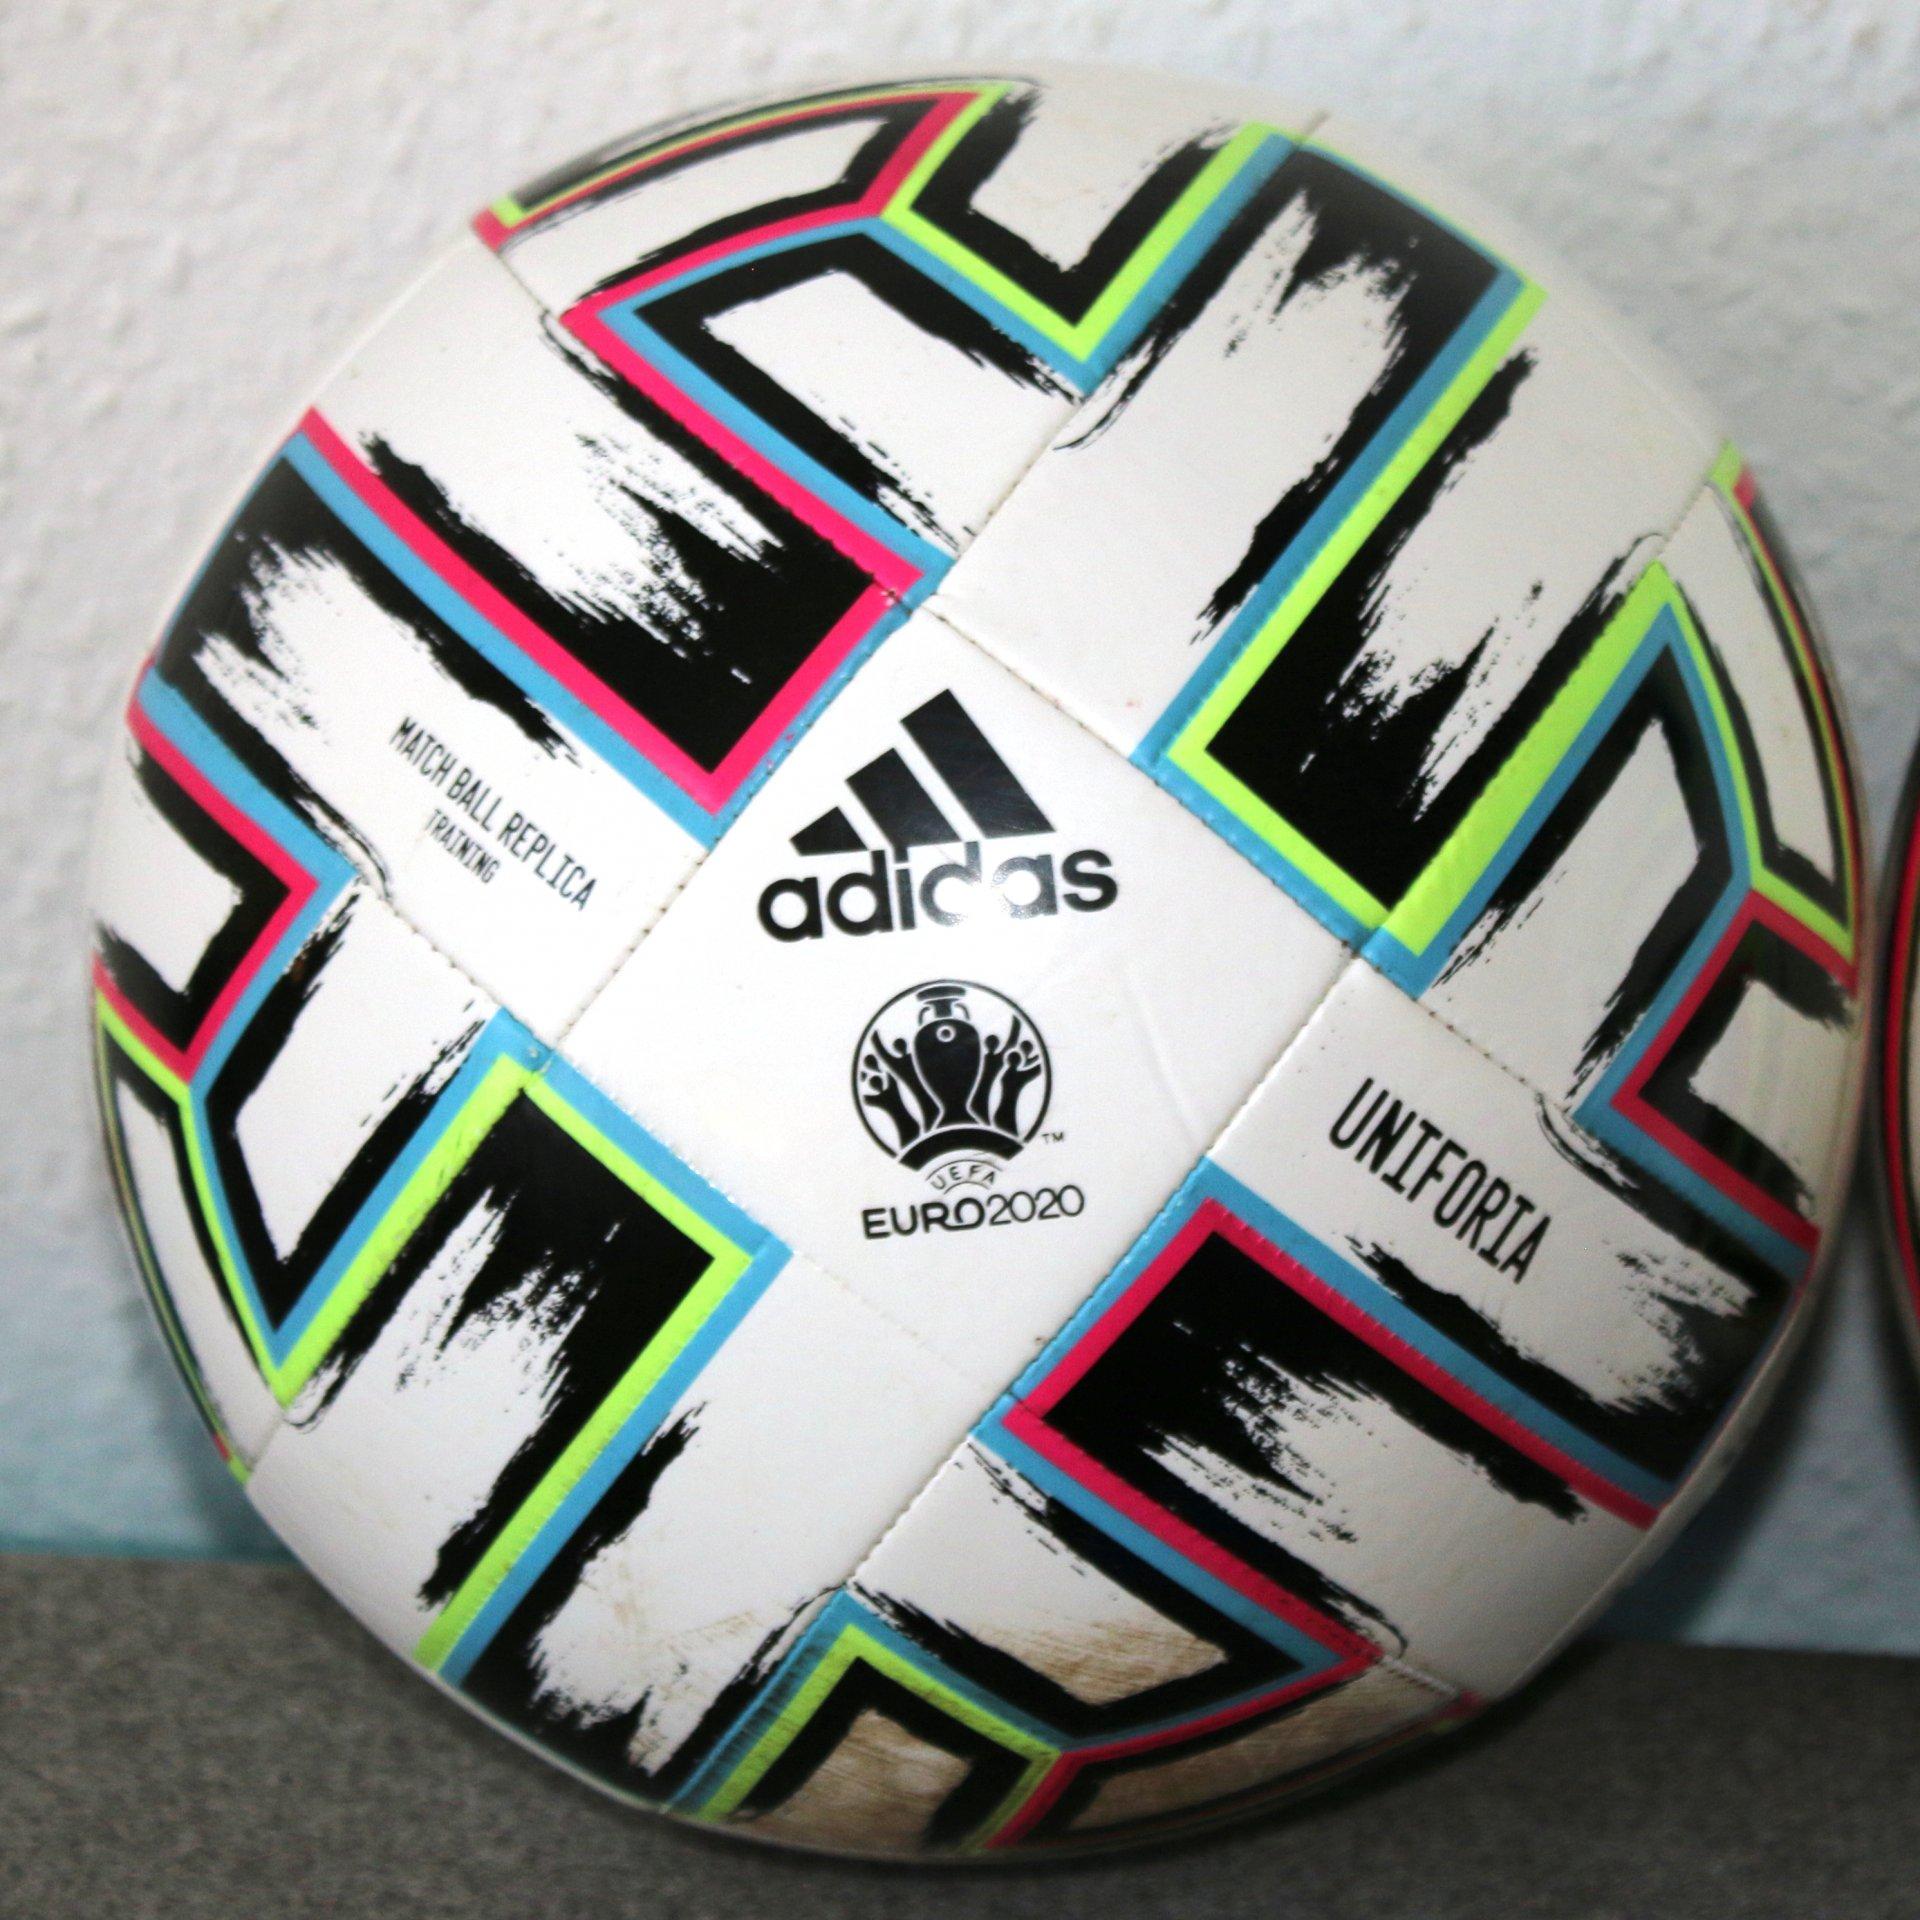 Adidas Uniforia EM 2020 Training TRN